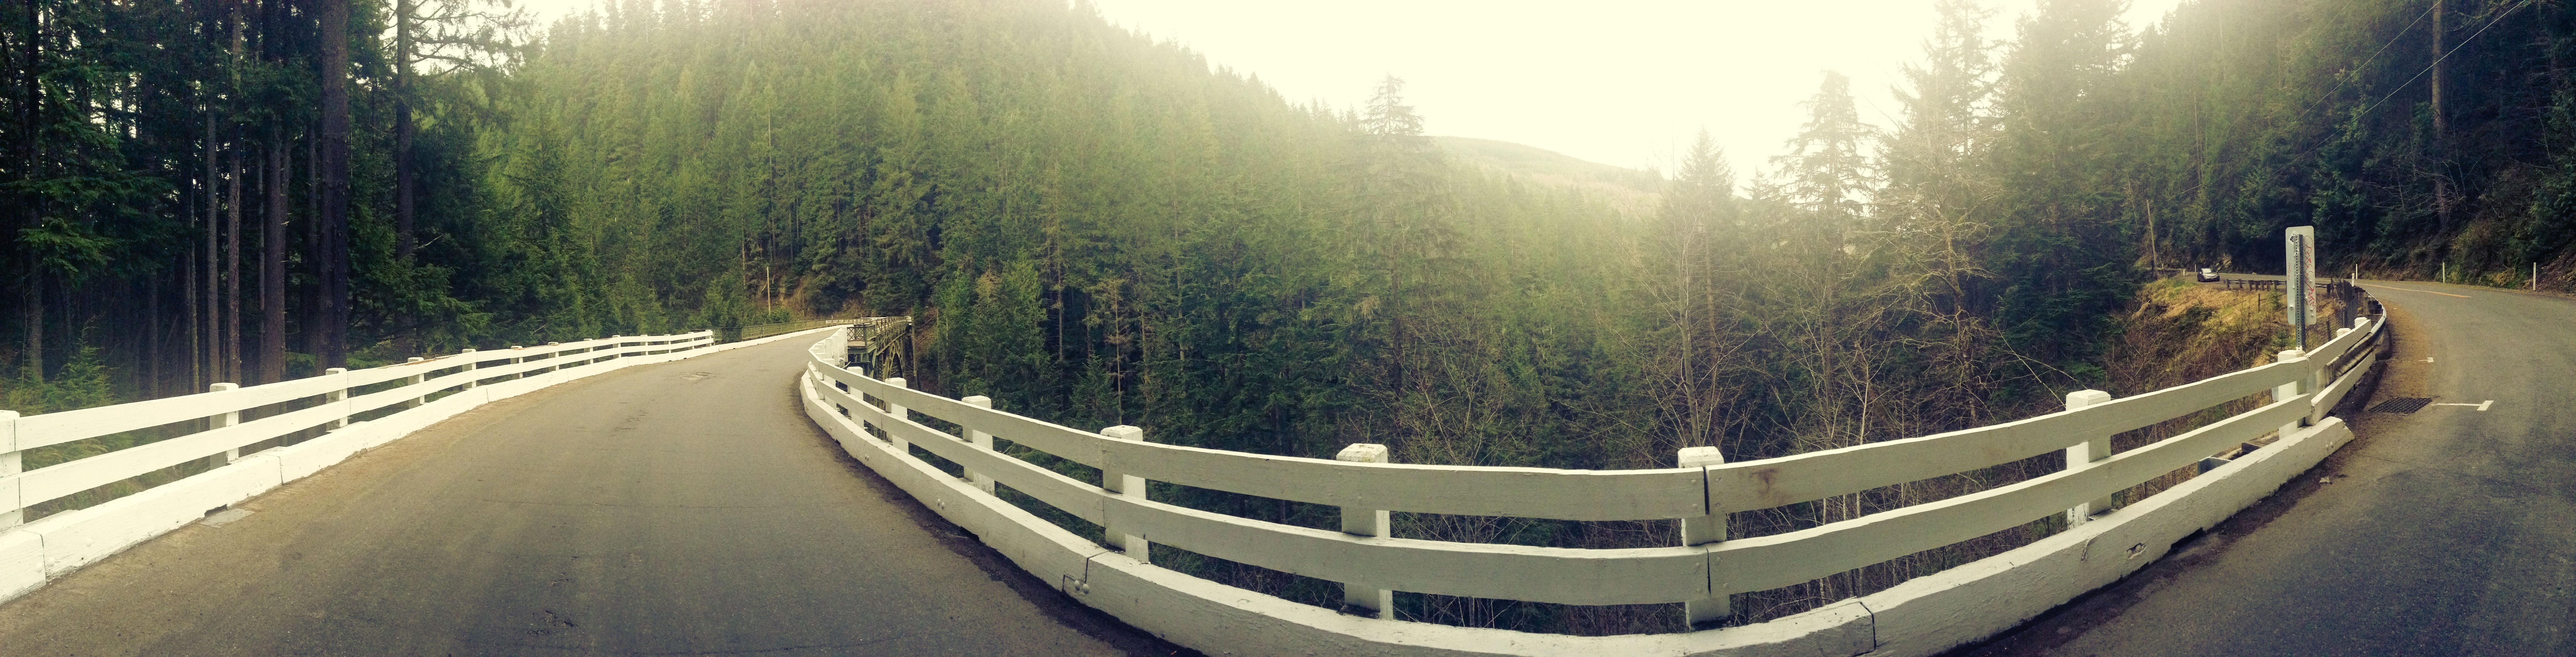 Fairfax Bridge road panorama, Architecture, Bridge, Forest, Nature, HQ Photo